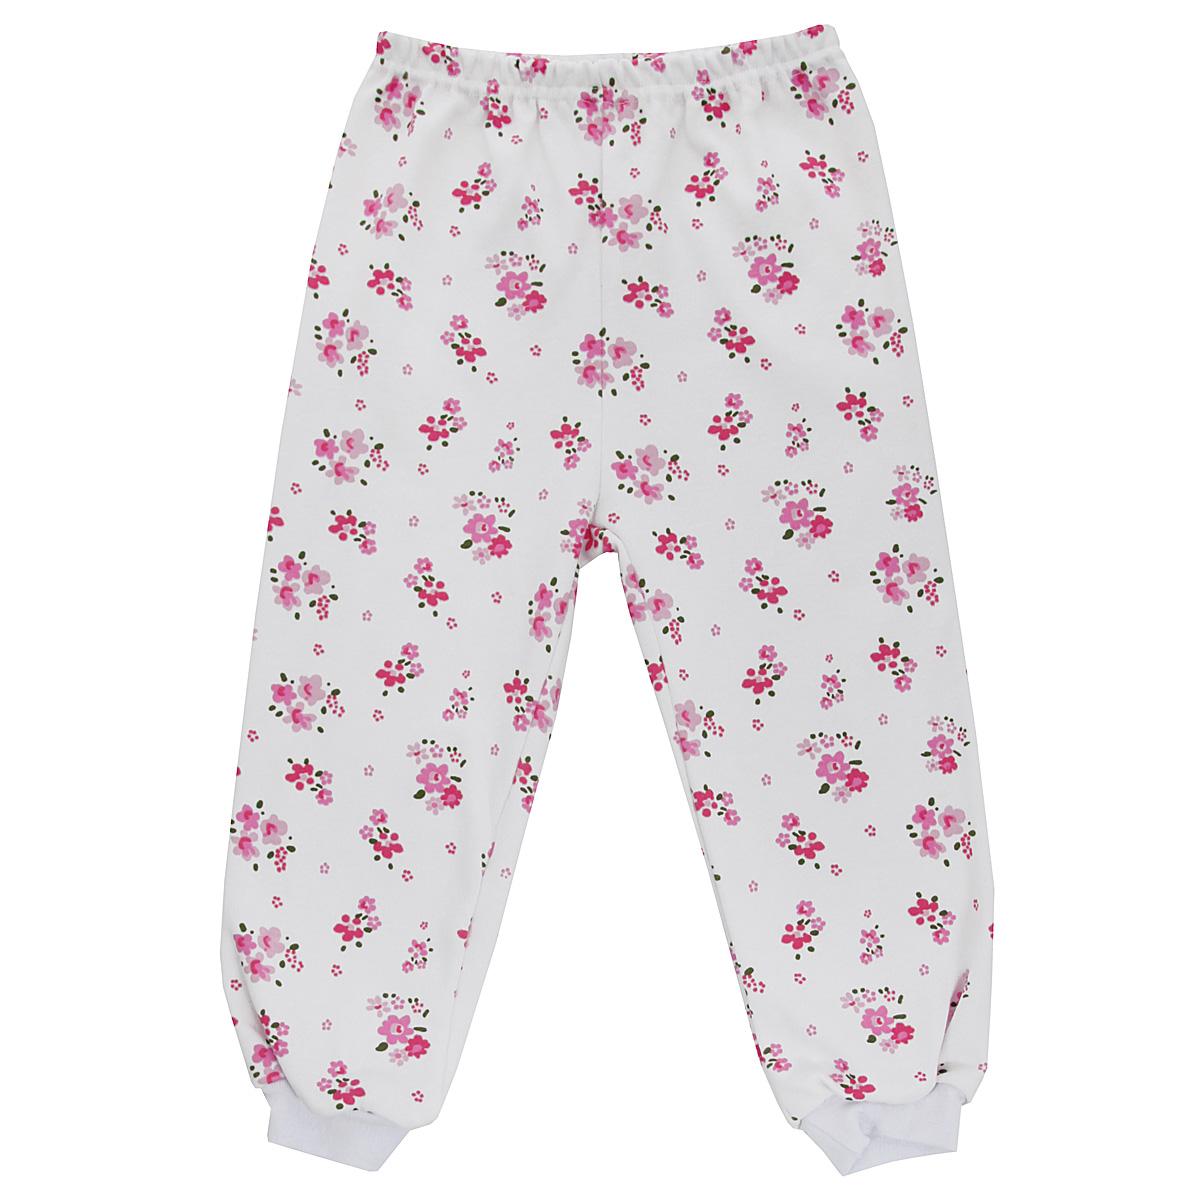 Штанишки для девочки. 5315_цветы5315_цветыУдобные штанишки для девочки Трон-плюс идеально подойдут вашей малышке и станут отличным дополнением к детскому гардеробу. Изготовленные из натурального хлопка - интерлока, они необычайно мягкие и легкие, не сковывают движения, позволяют коже дышать и не раздражают даже самую нежную и чувствительную кожу ребенка. Штанишки на талии имеют эластичную резинку, благодаря чему они не сдавливают животик ребенка и не сползают. Низ штанишек дополнен широкими эластичными манжетами. Оформлена модель ненавязчивым цветочным принтом. В таких штанишках ваша дочурка будет чувствовать себя комфортно и уютно.